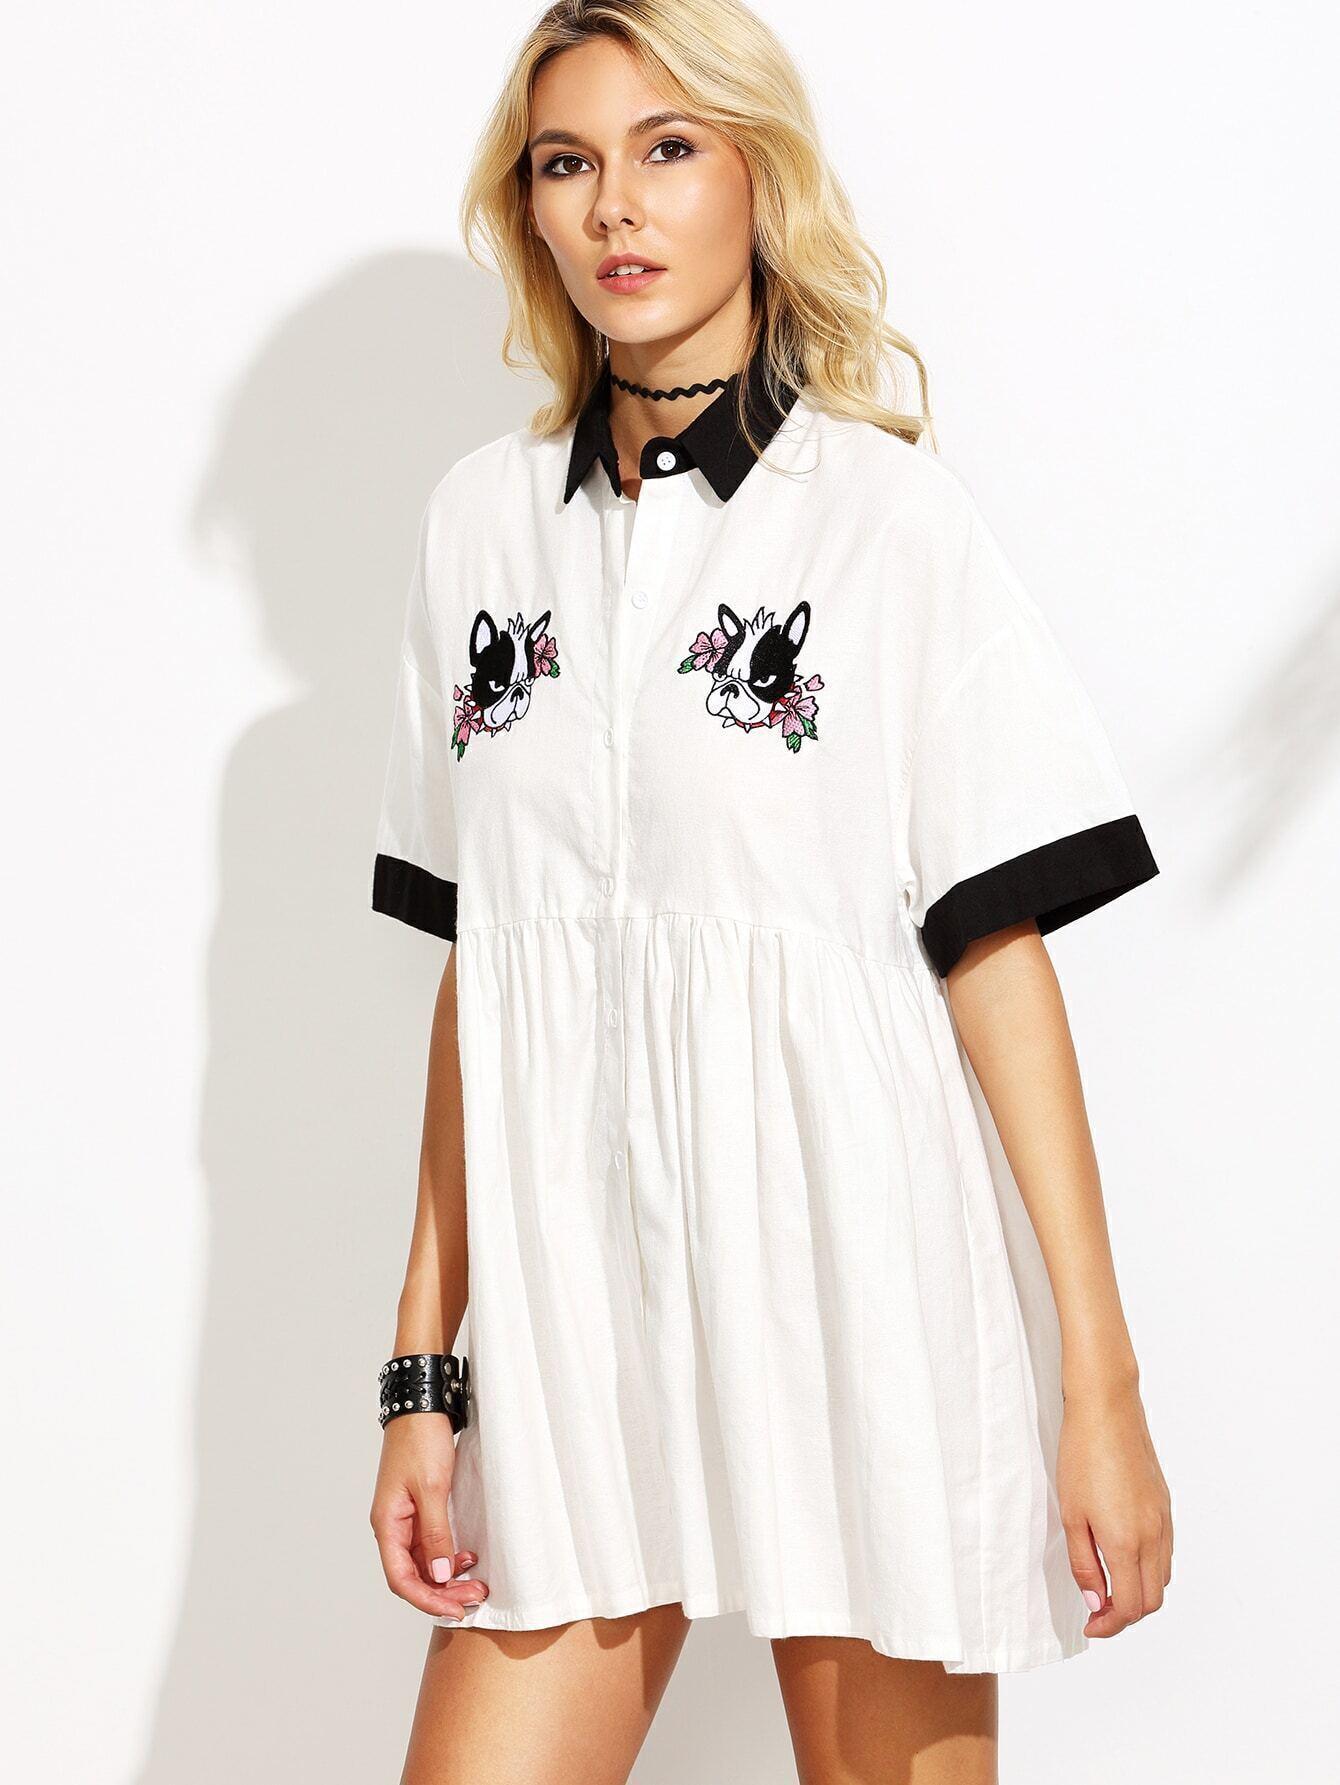 Short sleeve dress shirt fashion 84